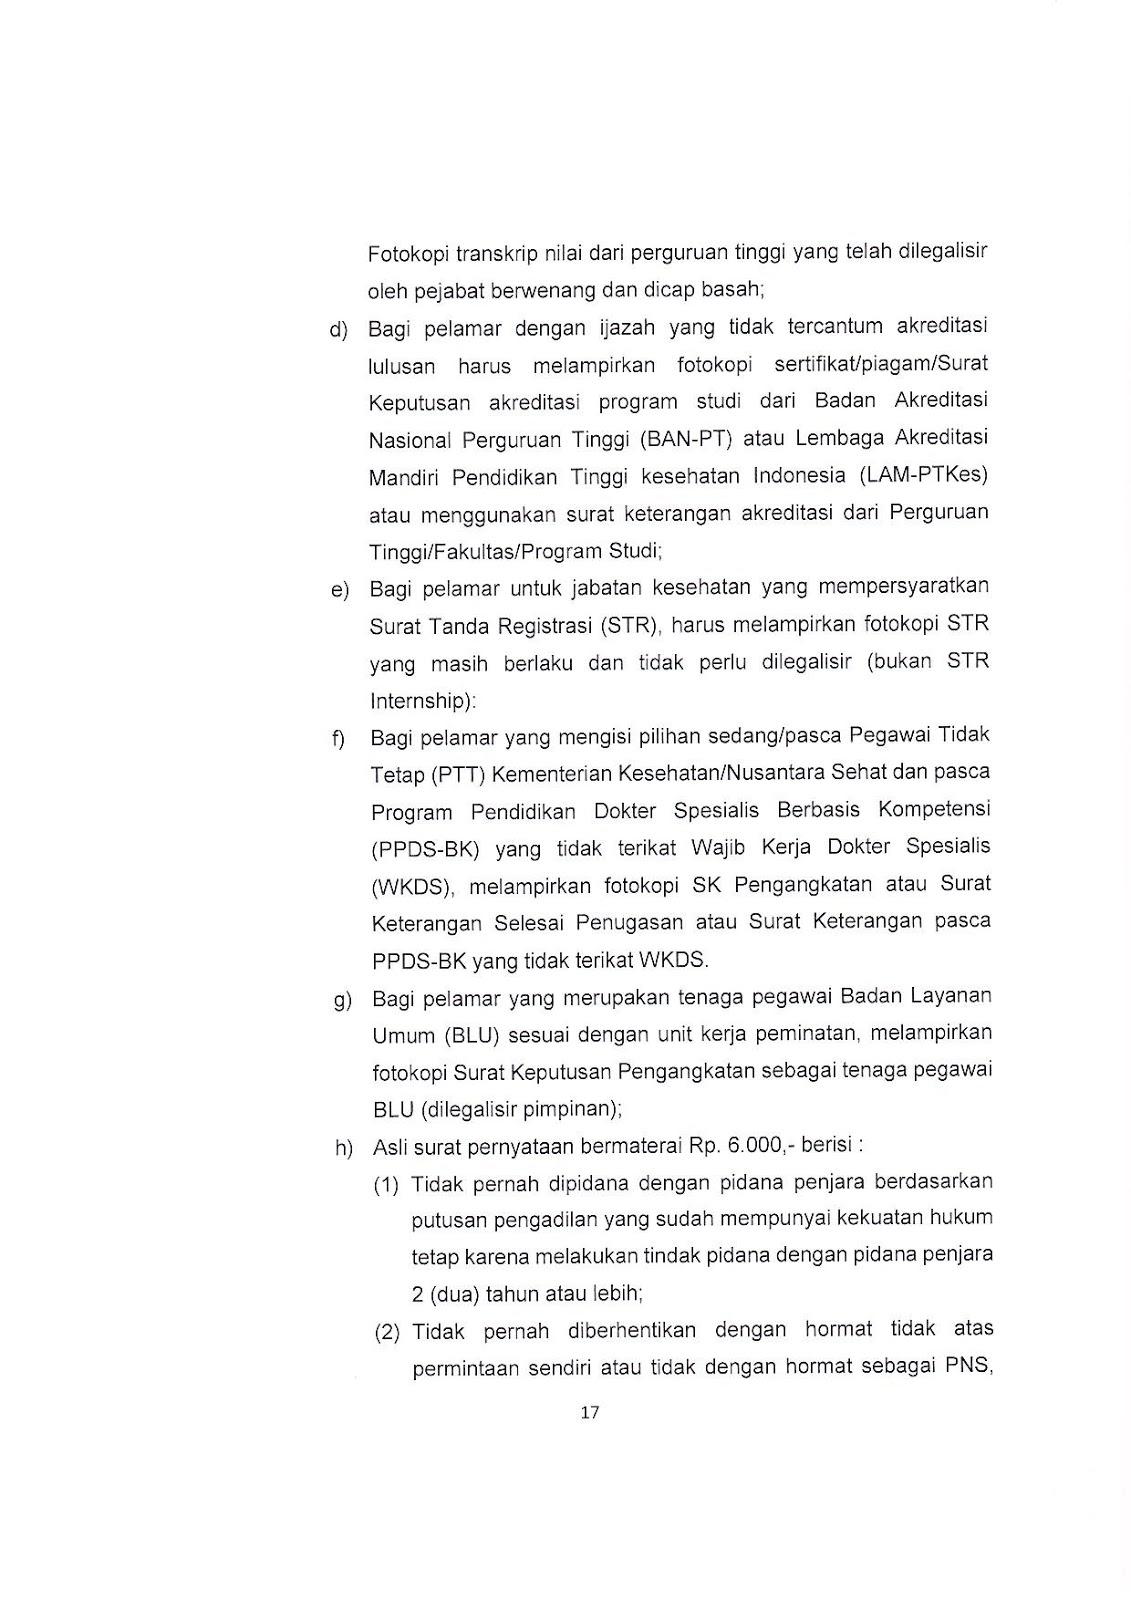 Contoh Surat Lamaran Kerja Rumah Sakit Bhayangkara